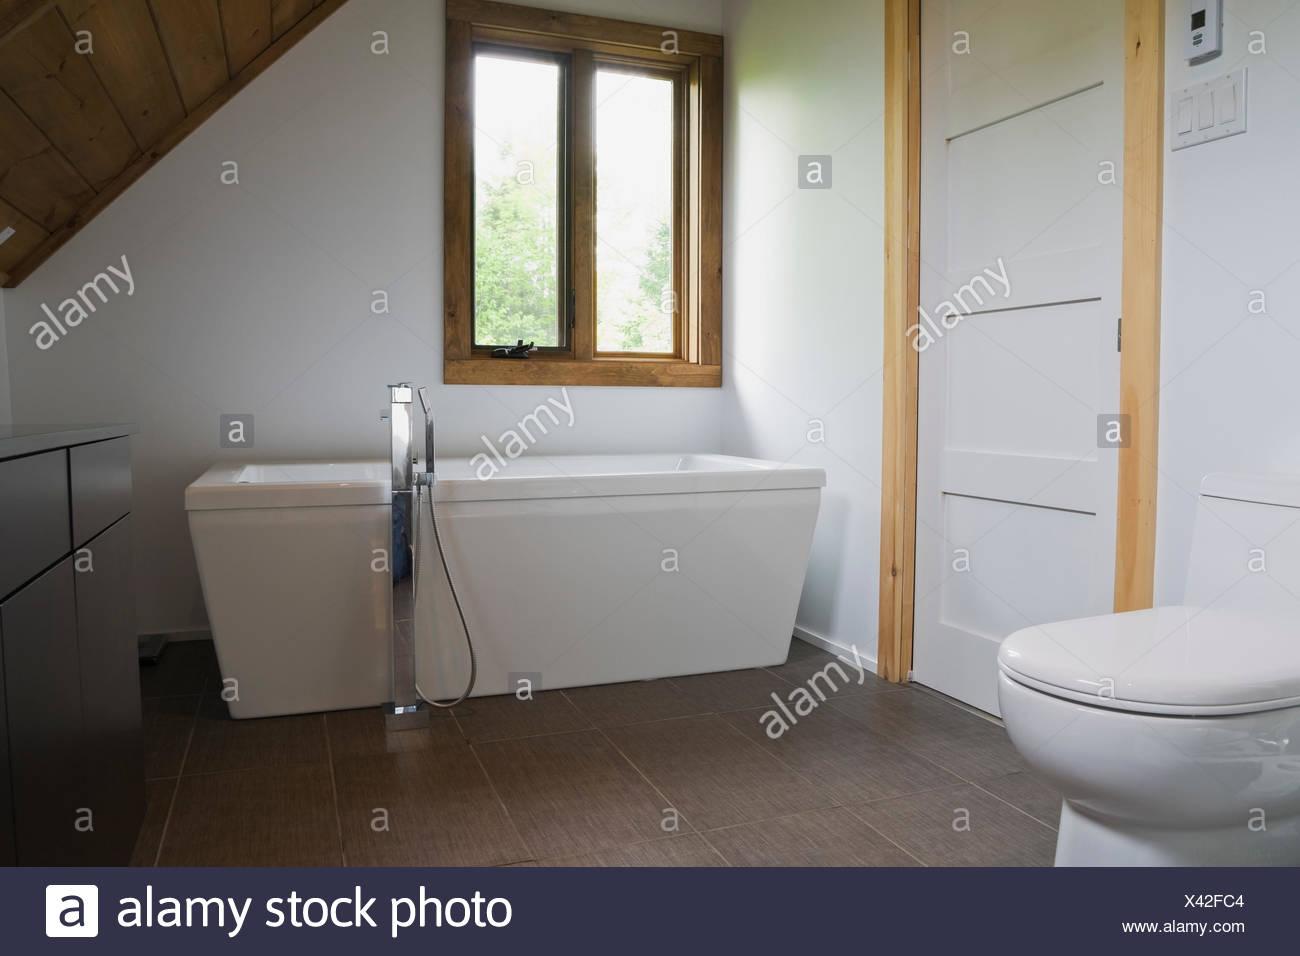 Toilette Blanc Et Gris salle de bains avec plancher de céramique gris, blanc